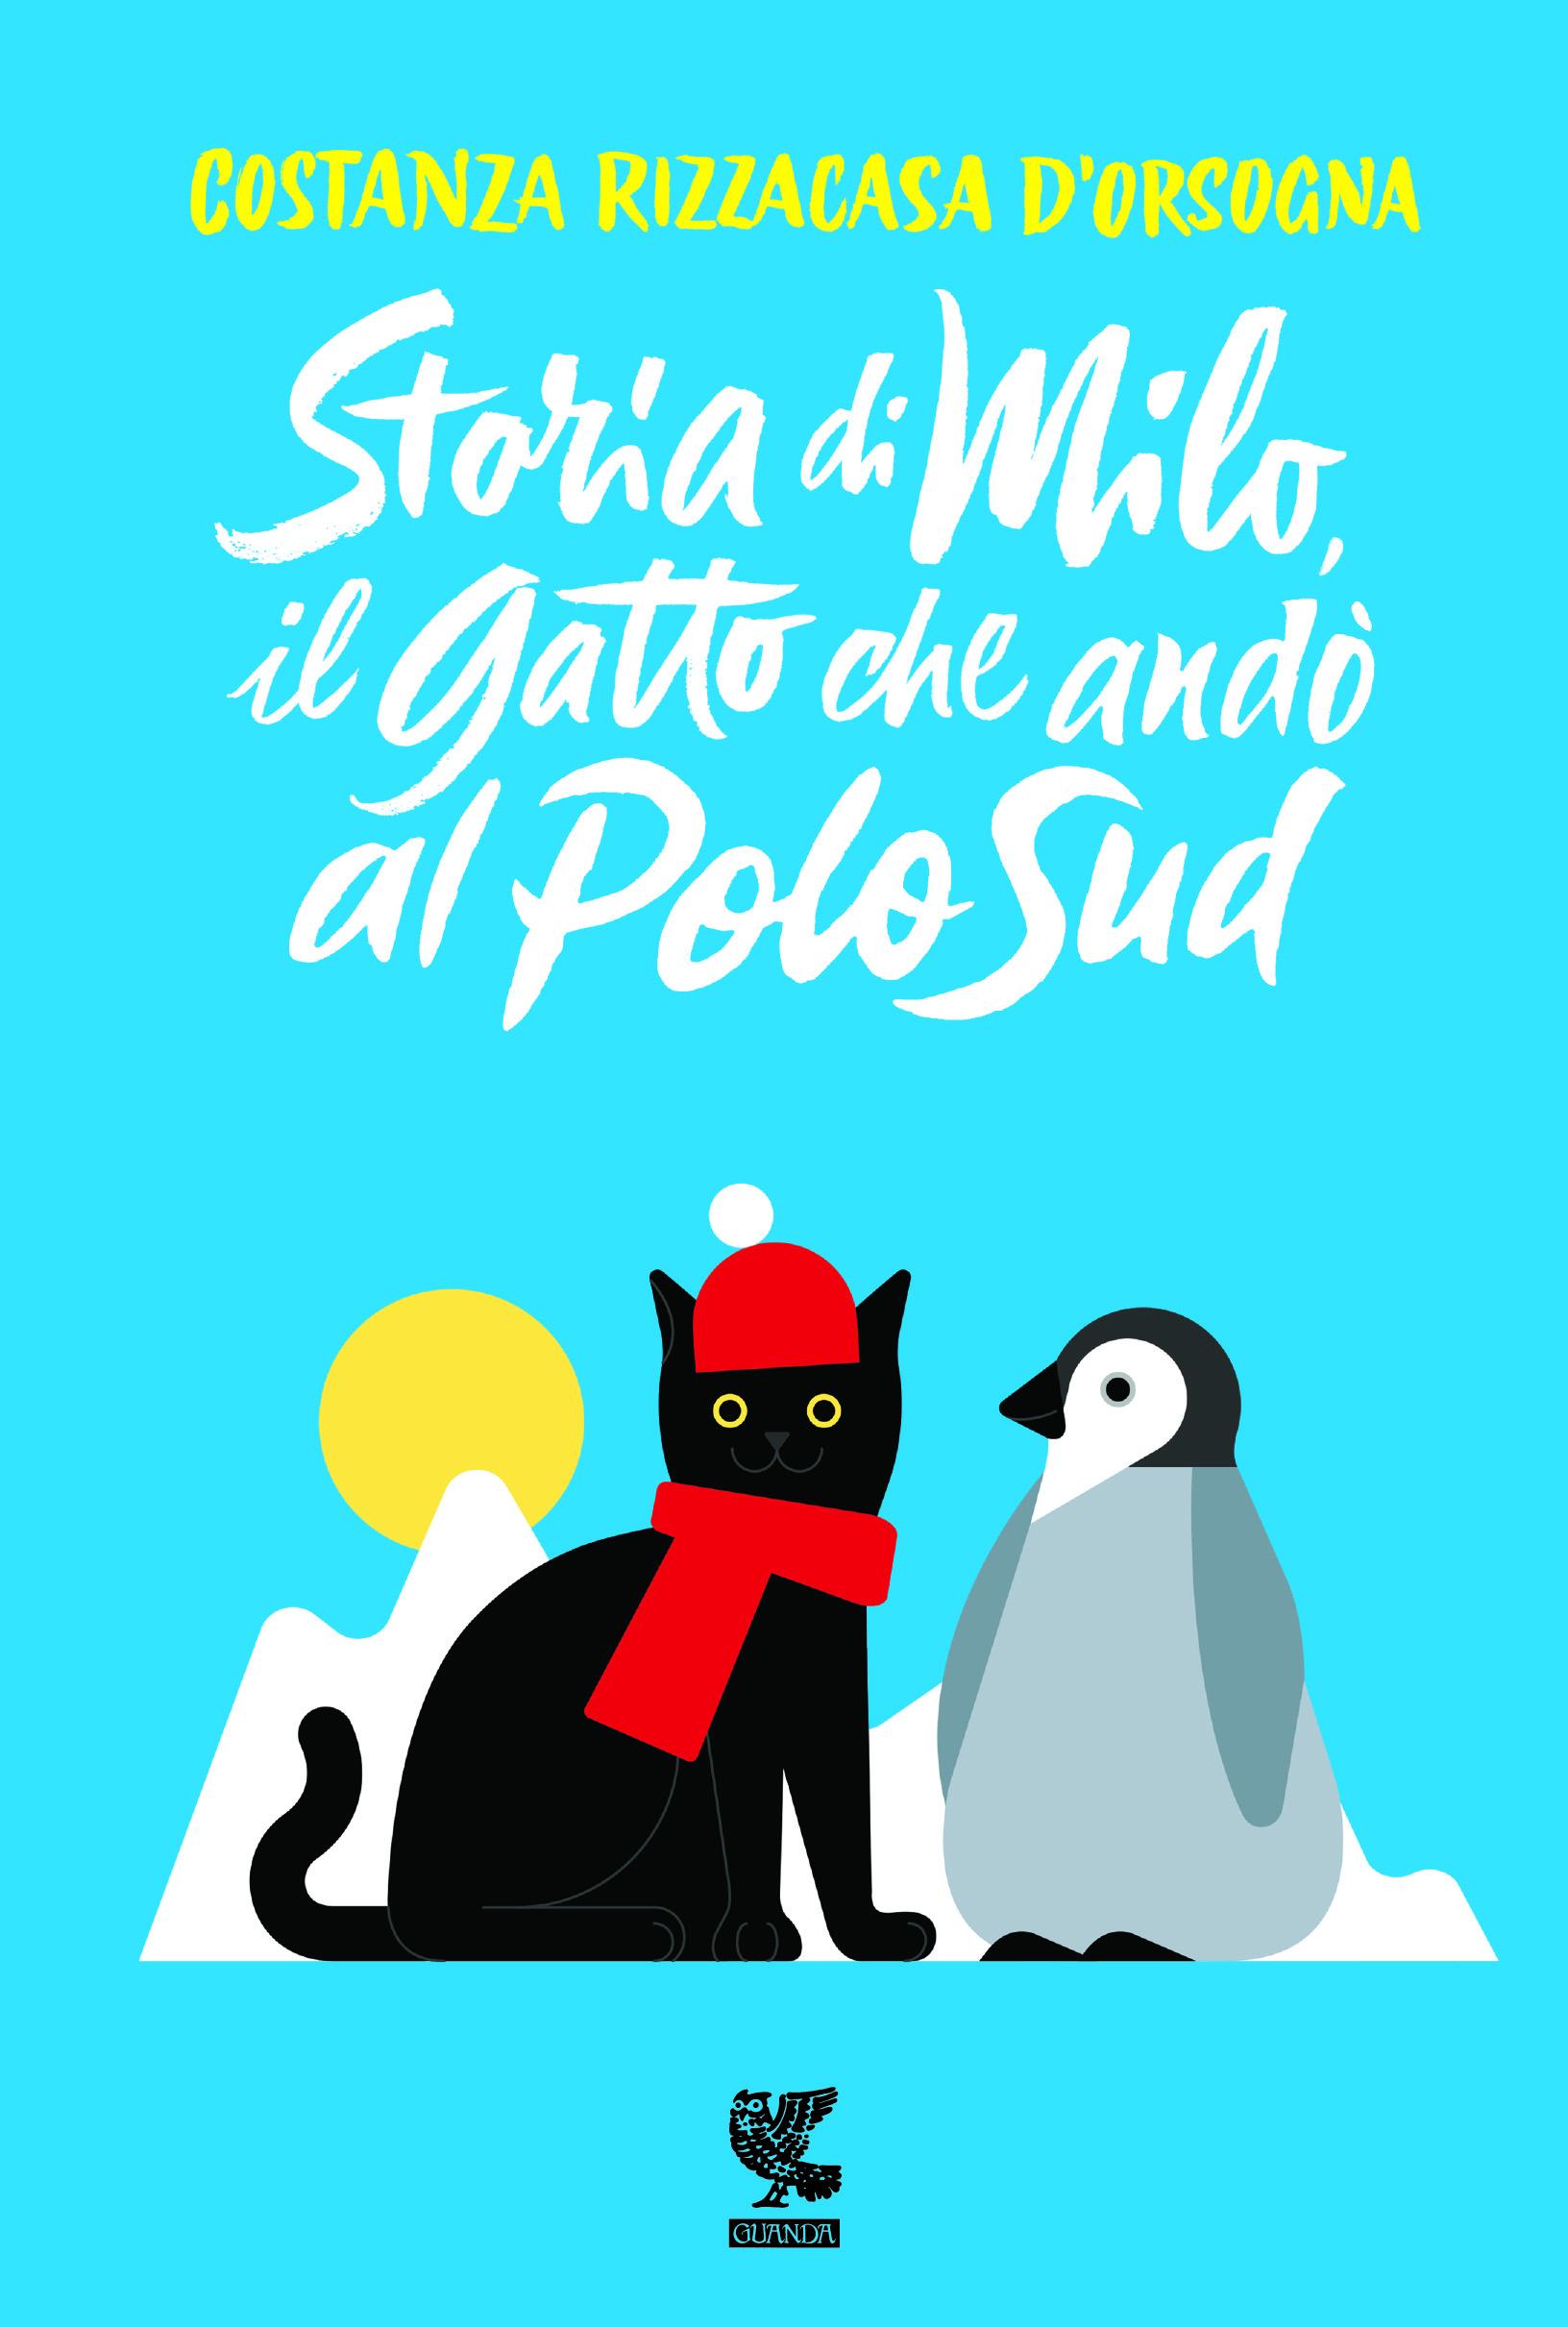 Copertina del libro Storia di Milo il gatto che andò al Polo Sud